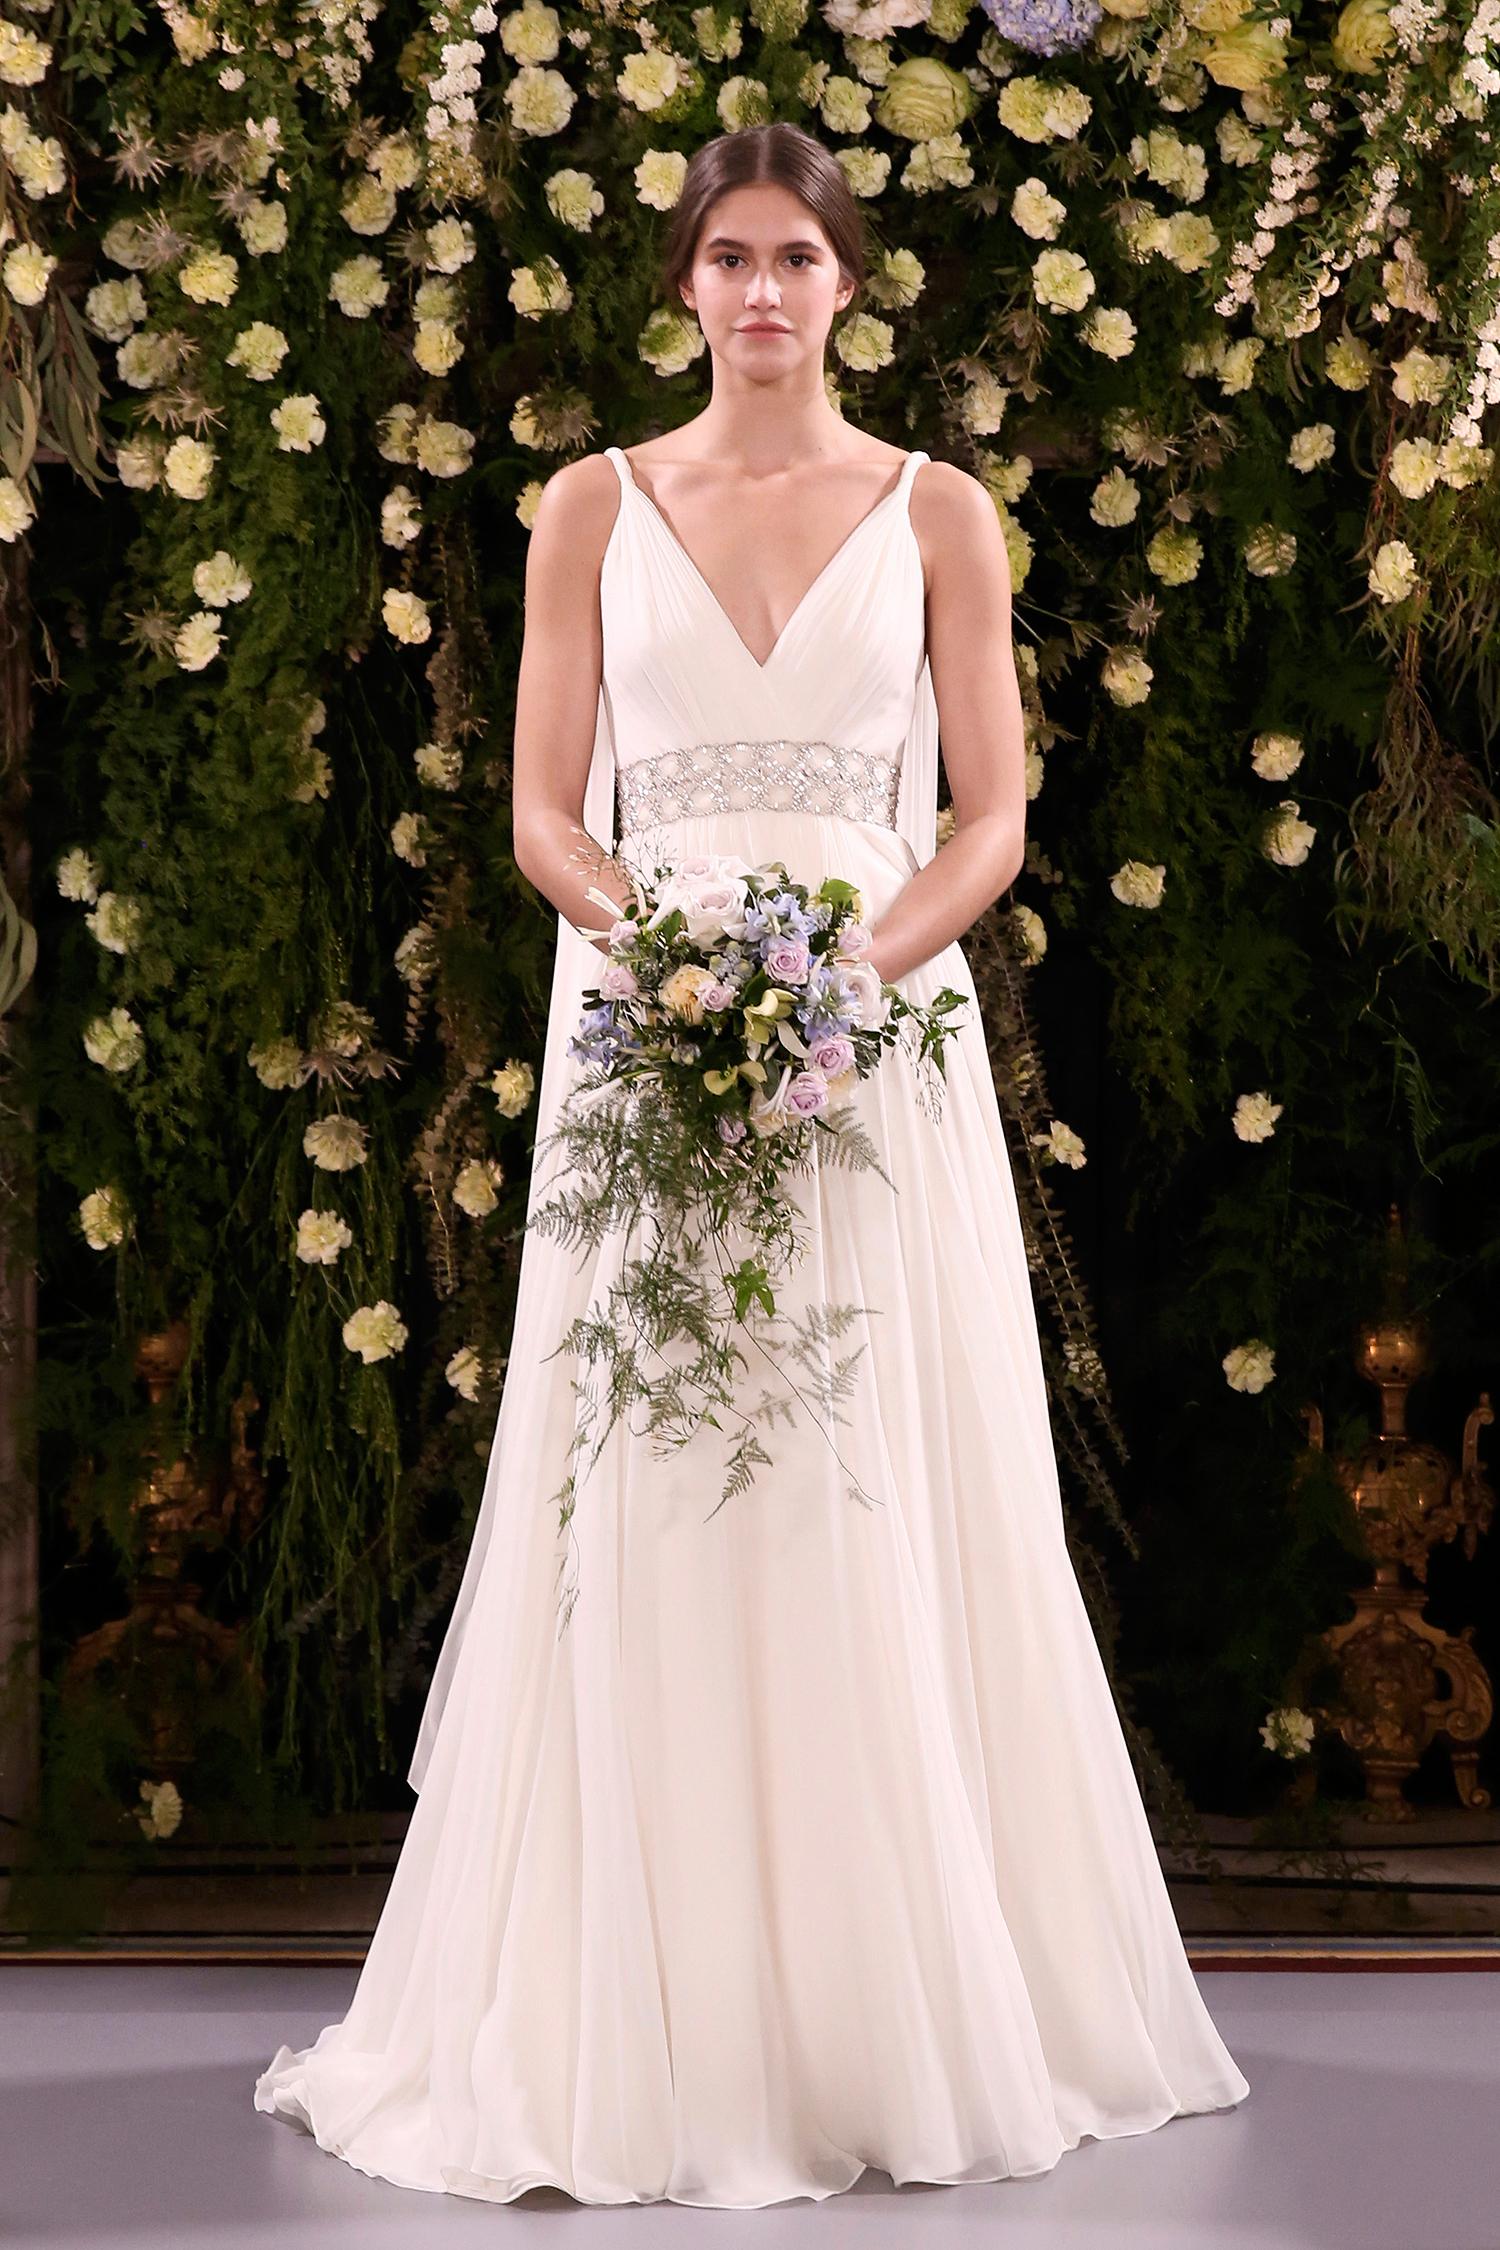 jenny packham wedding dress spring 2019 embellished belt and back fabric